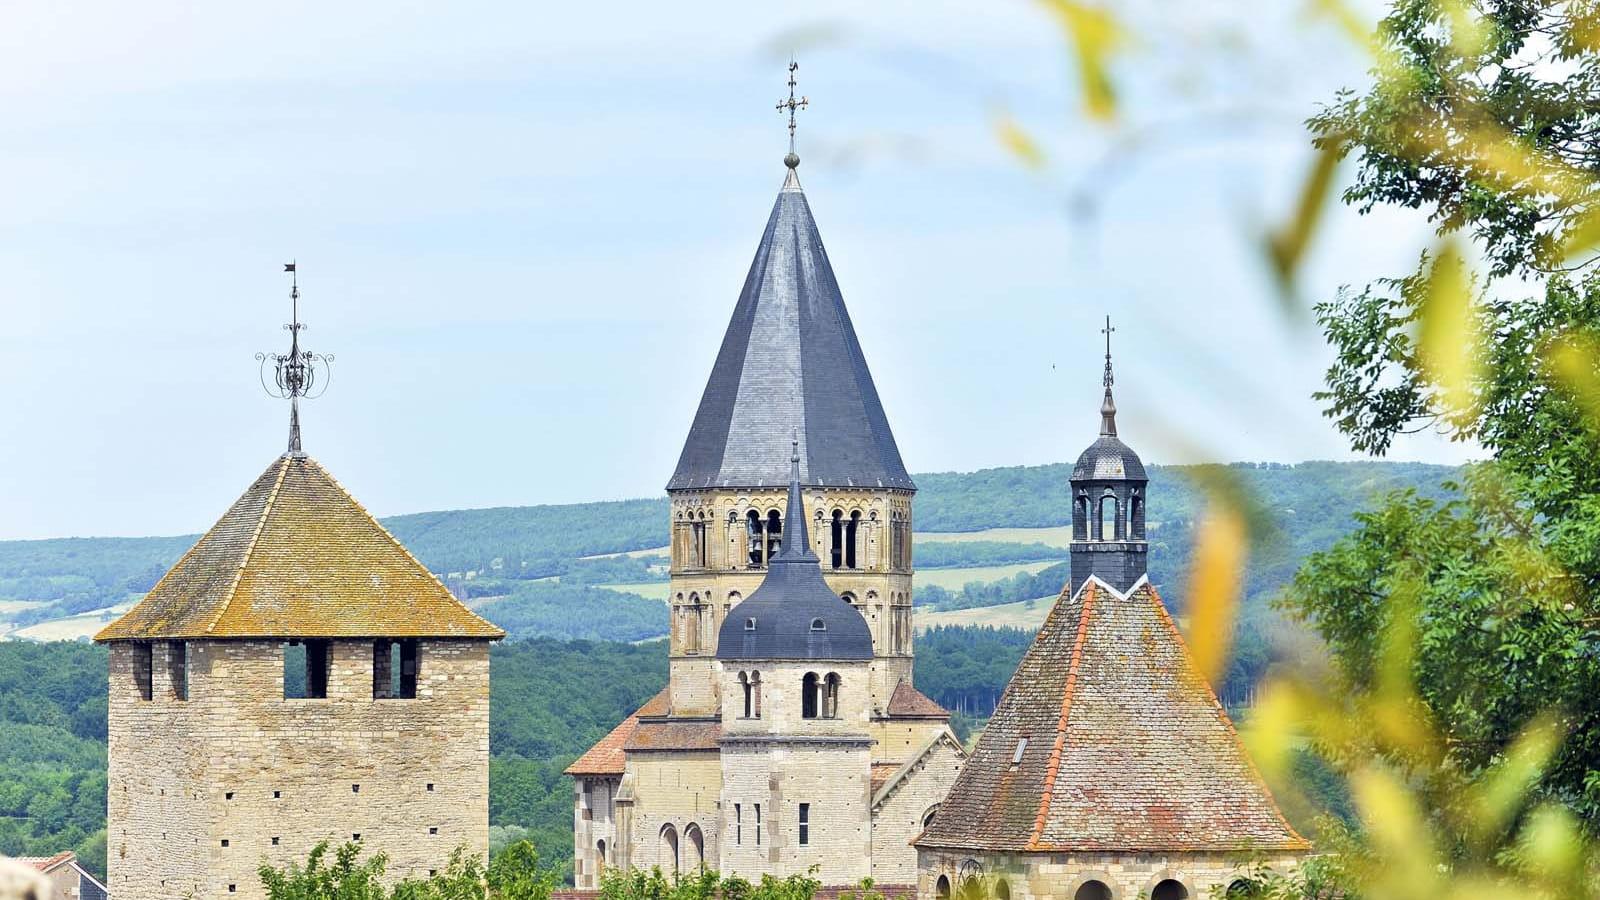 Clochers de l'abbaye de Cluny